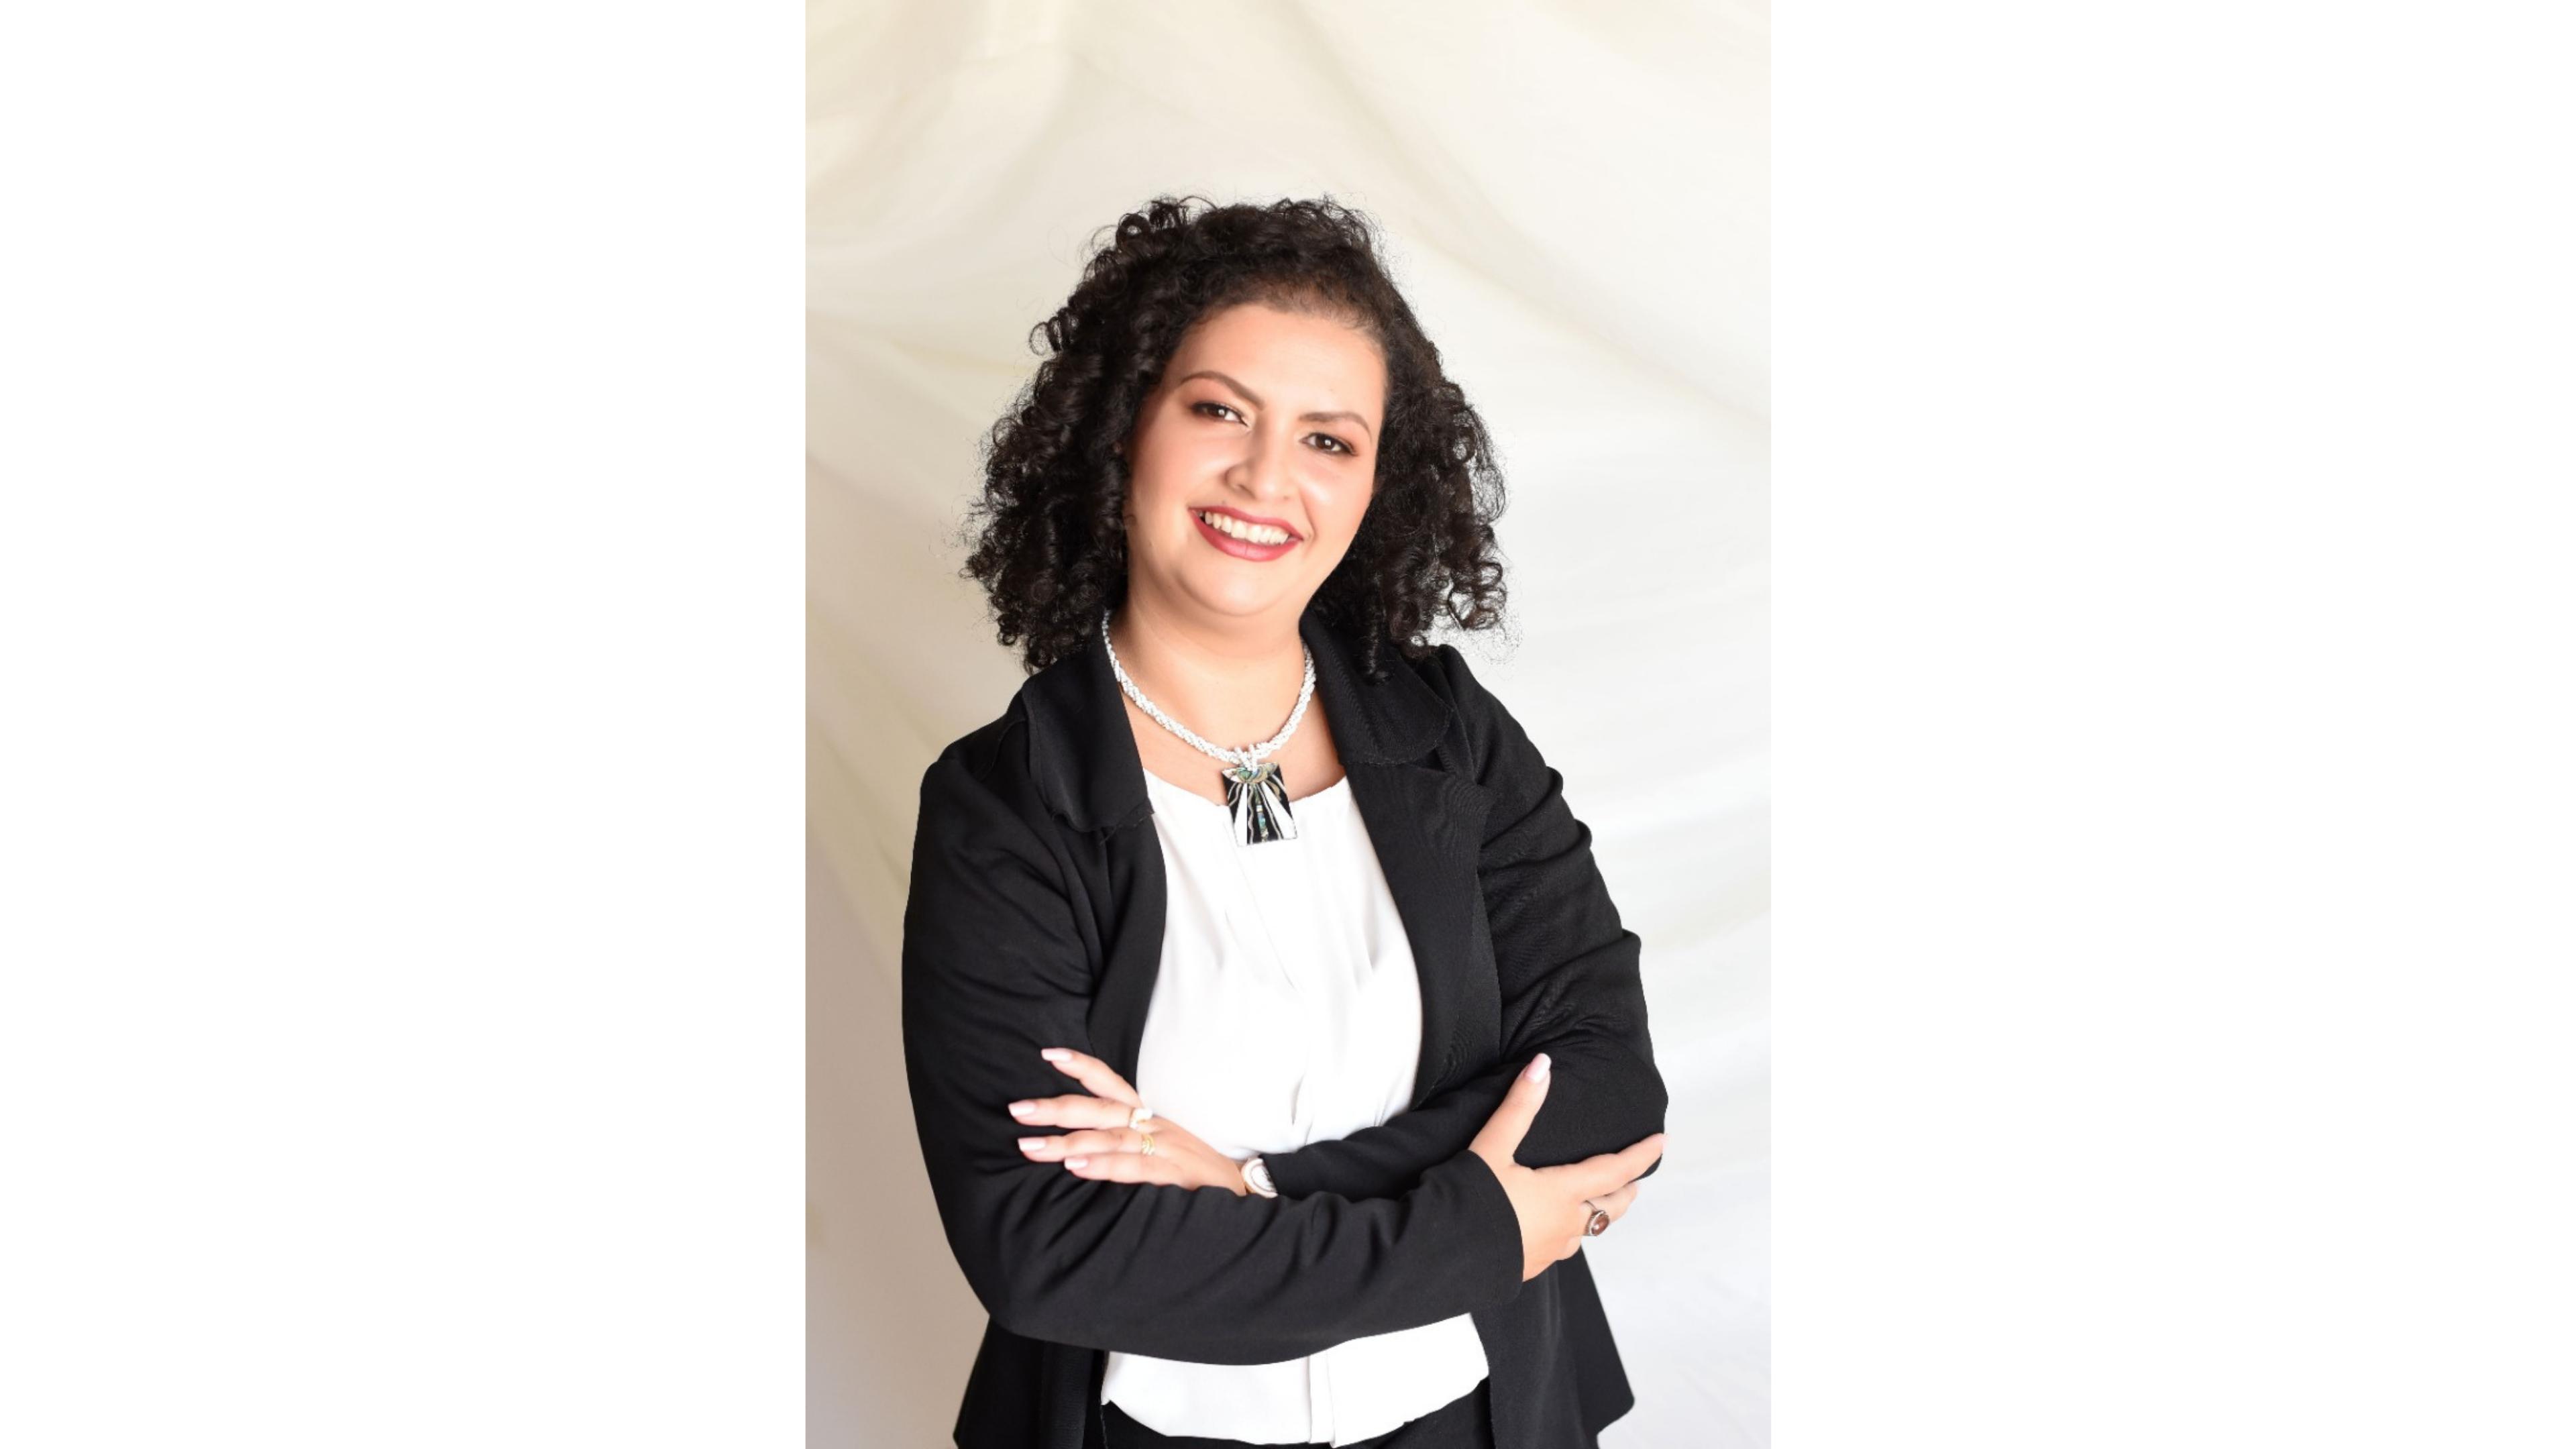 Silvana Pampu, founder do Instituto Connect e executiva de RH